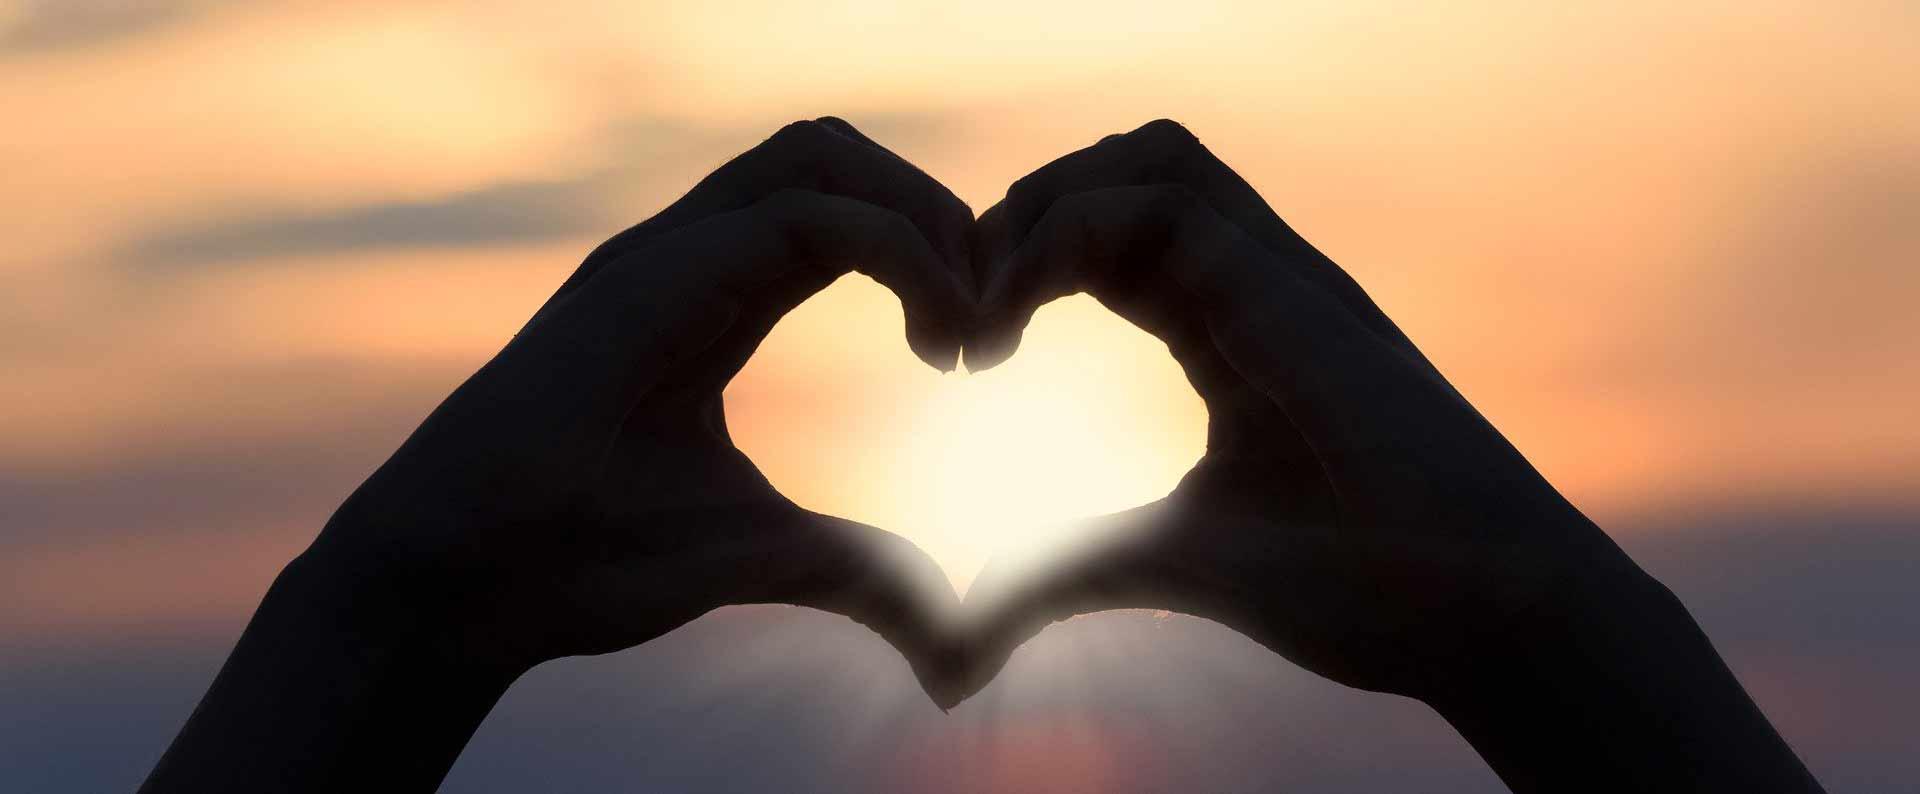 Hands making heart against sunset sky.